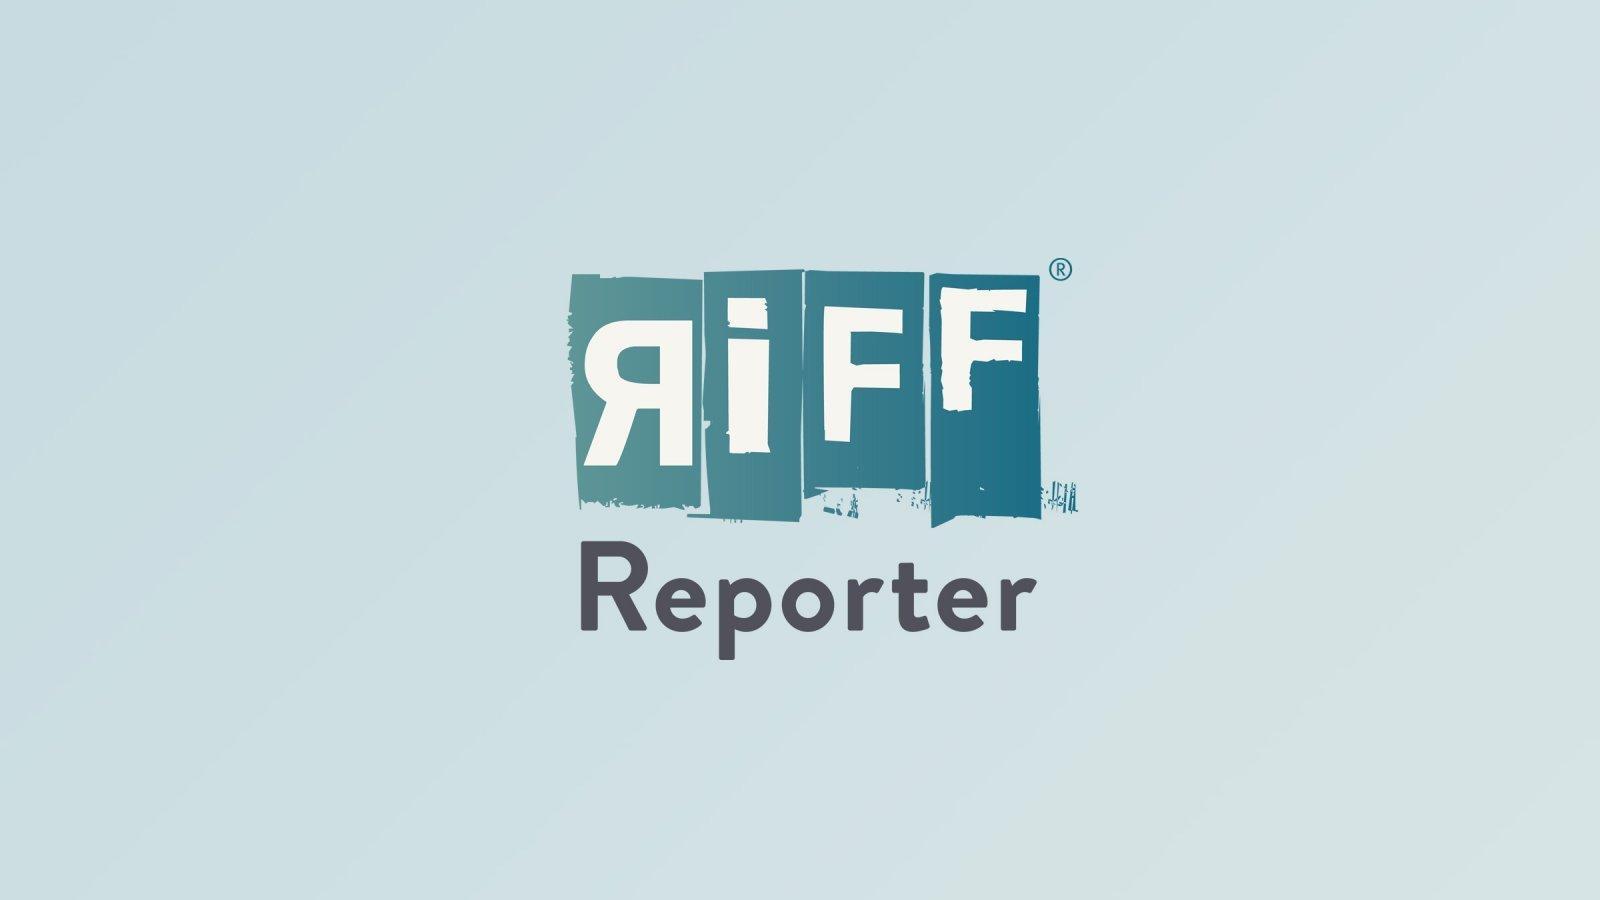 Ein großer schwarzer glänzender Käfer schiebt seinen Kopf aus einem Pferdeapfel. Auf seinem Kopf trägt er drei Hörner, die ihm auch den Namen geben.